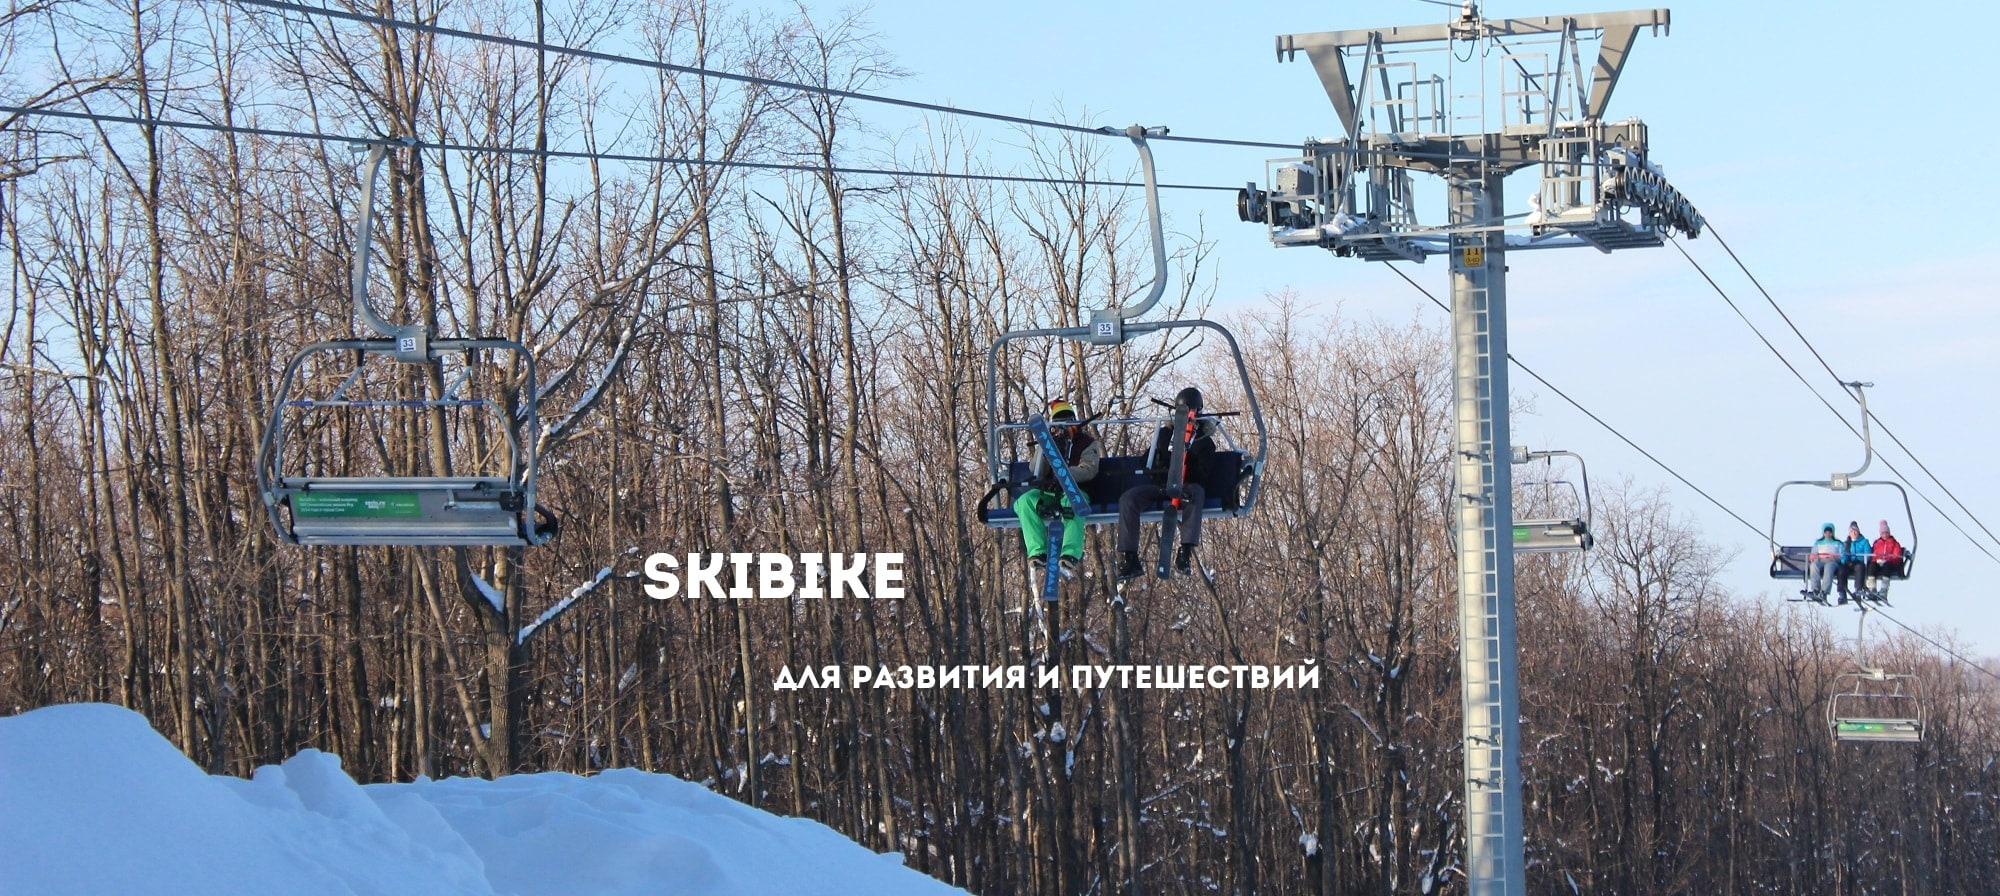 Skibike_3-min